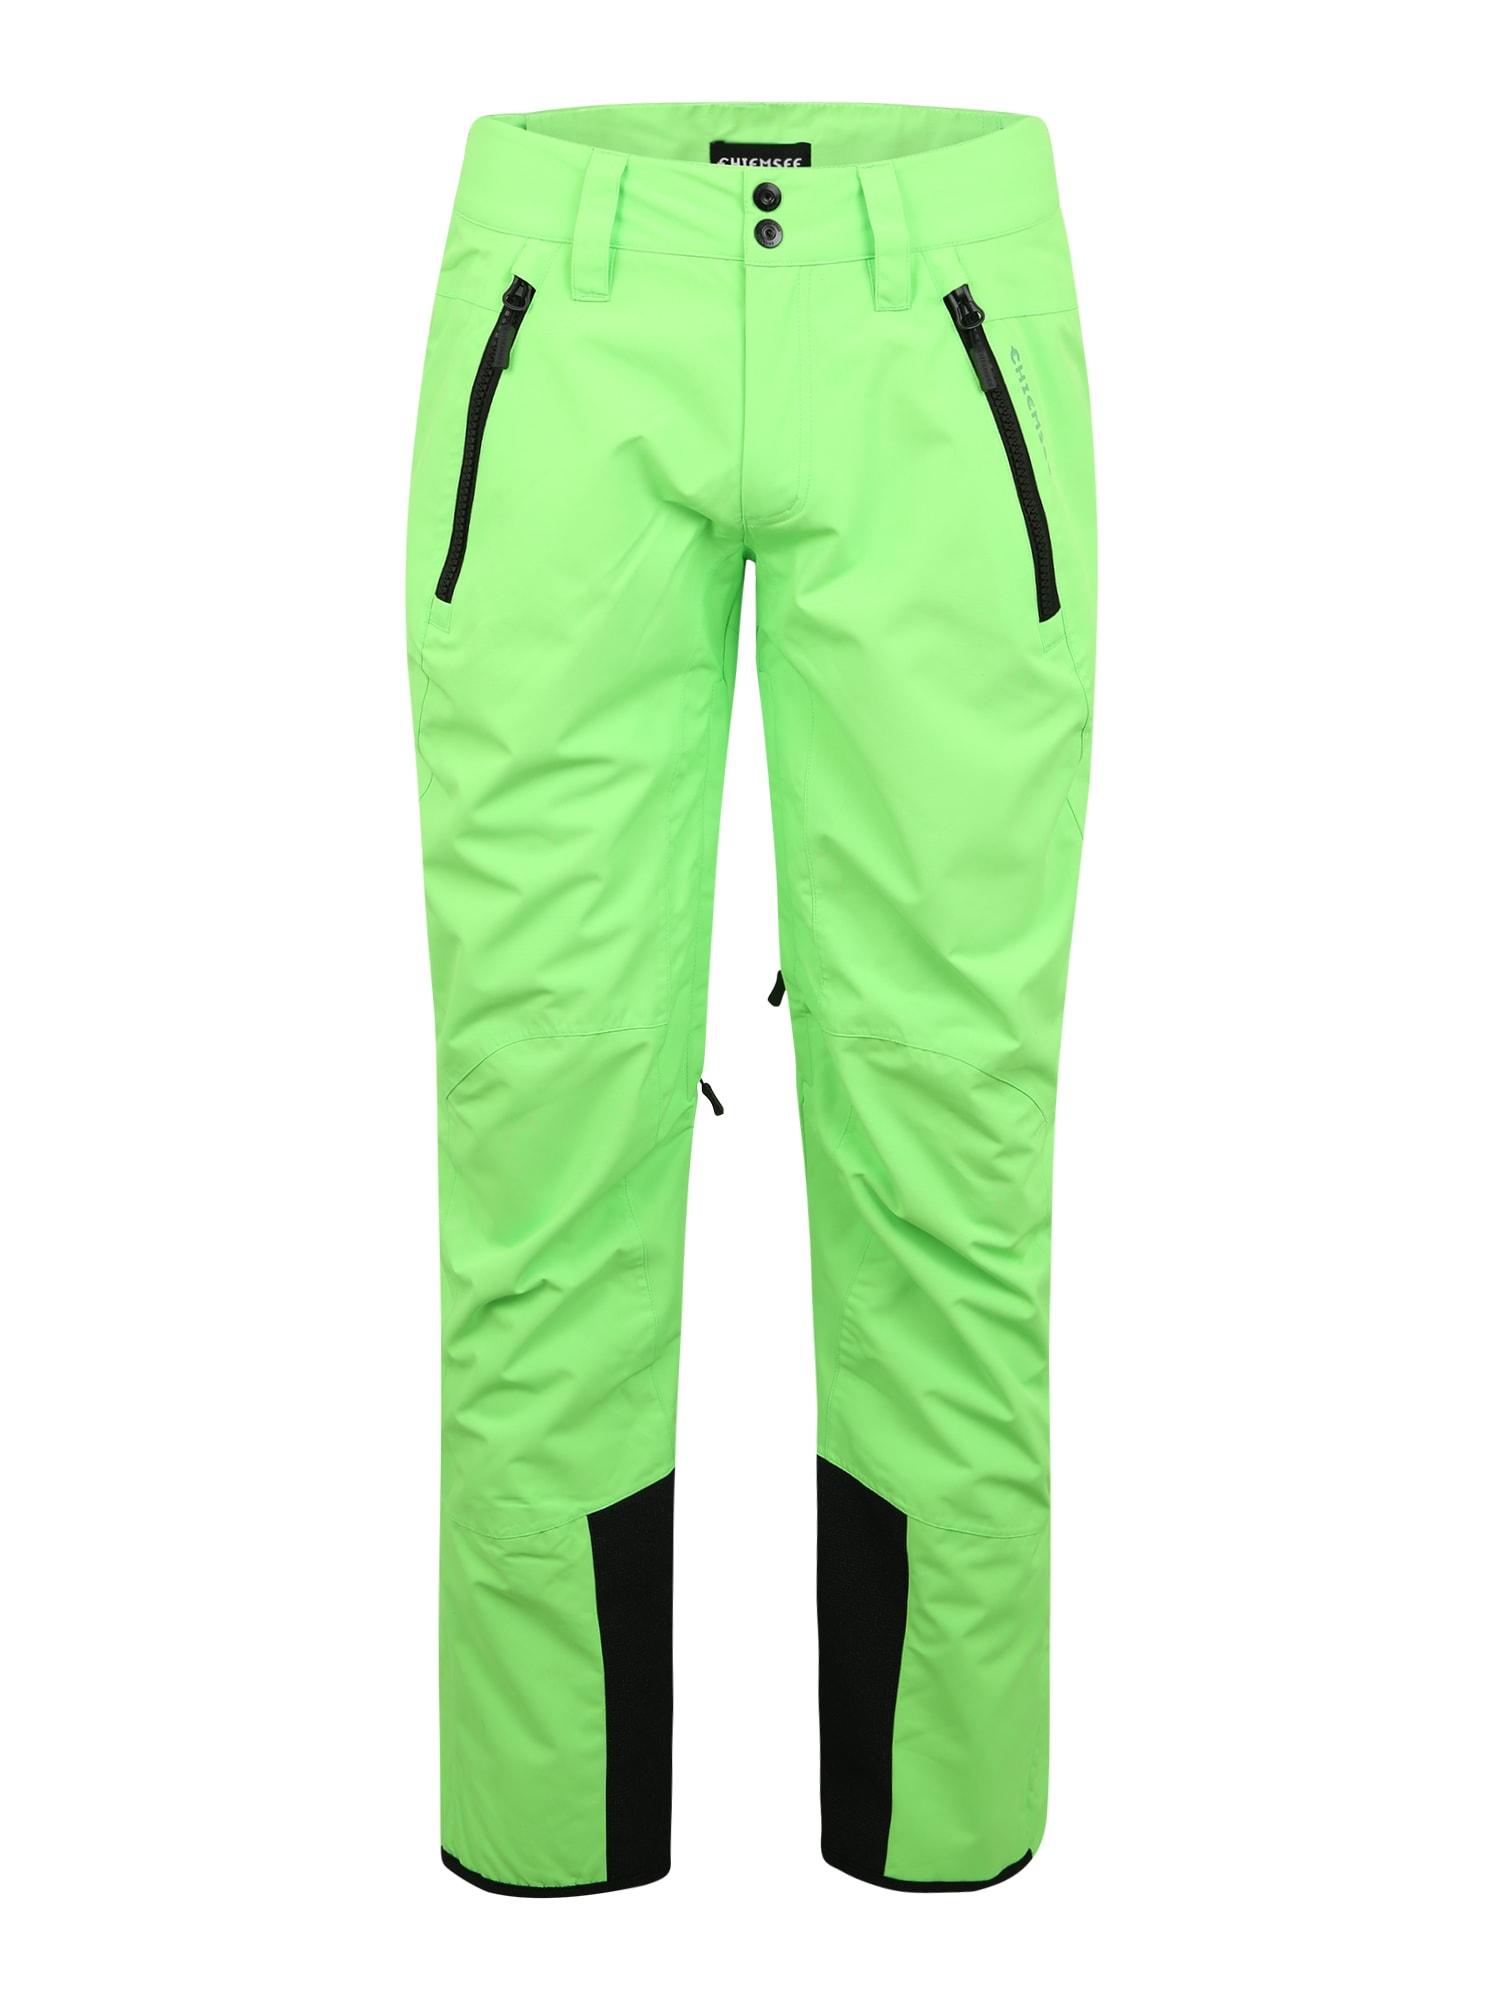 CHIEMSEE Laisvalaikio kelnės neoninė žalia